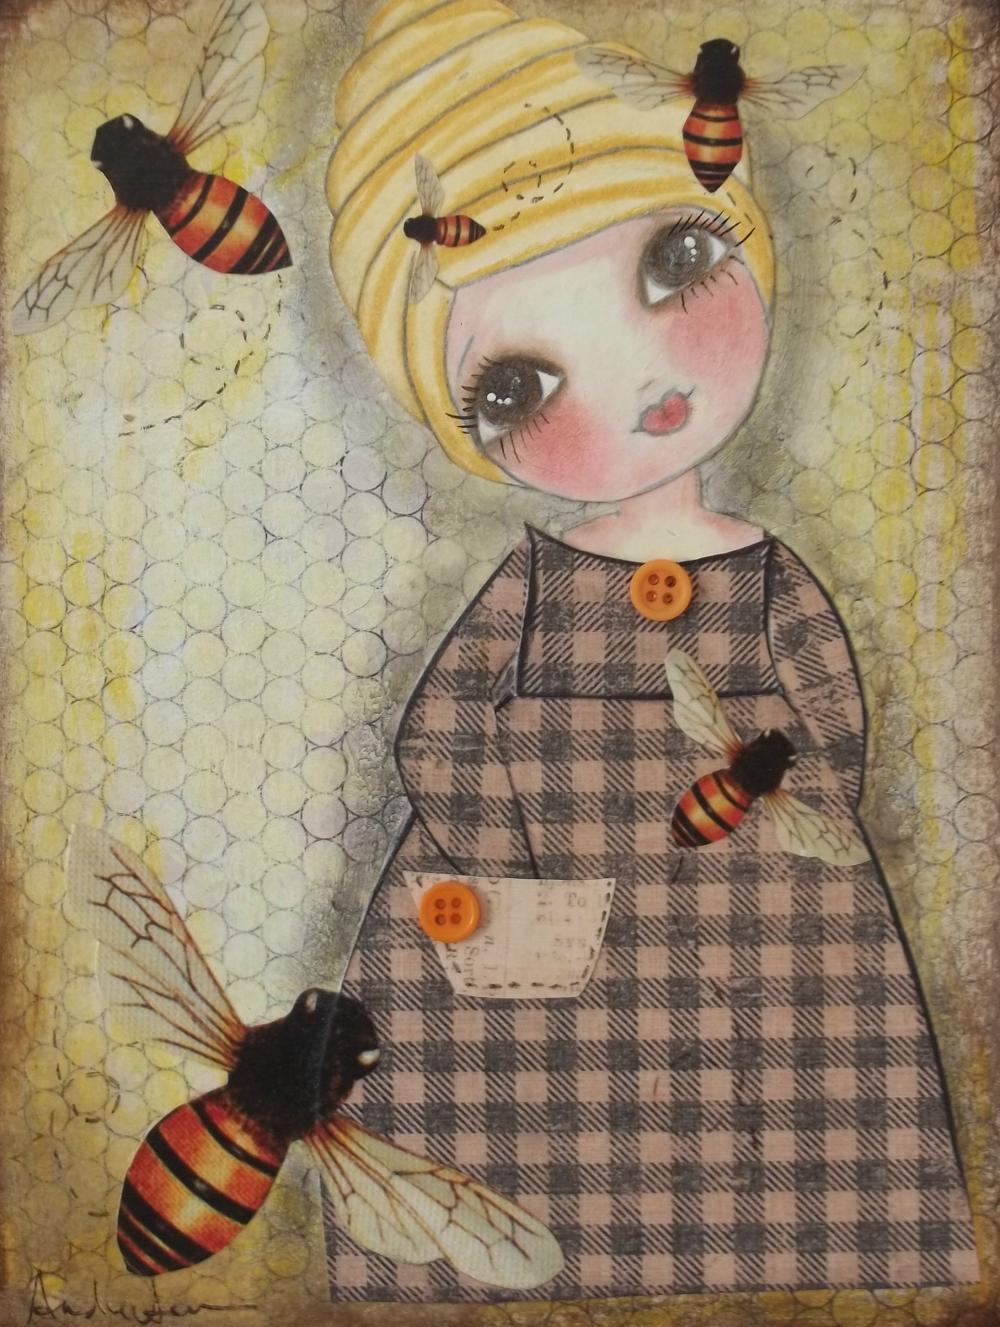 She has a BEE in her BONNET 5x7 ART CARD